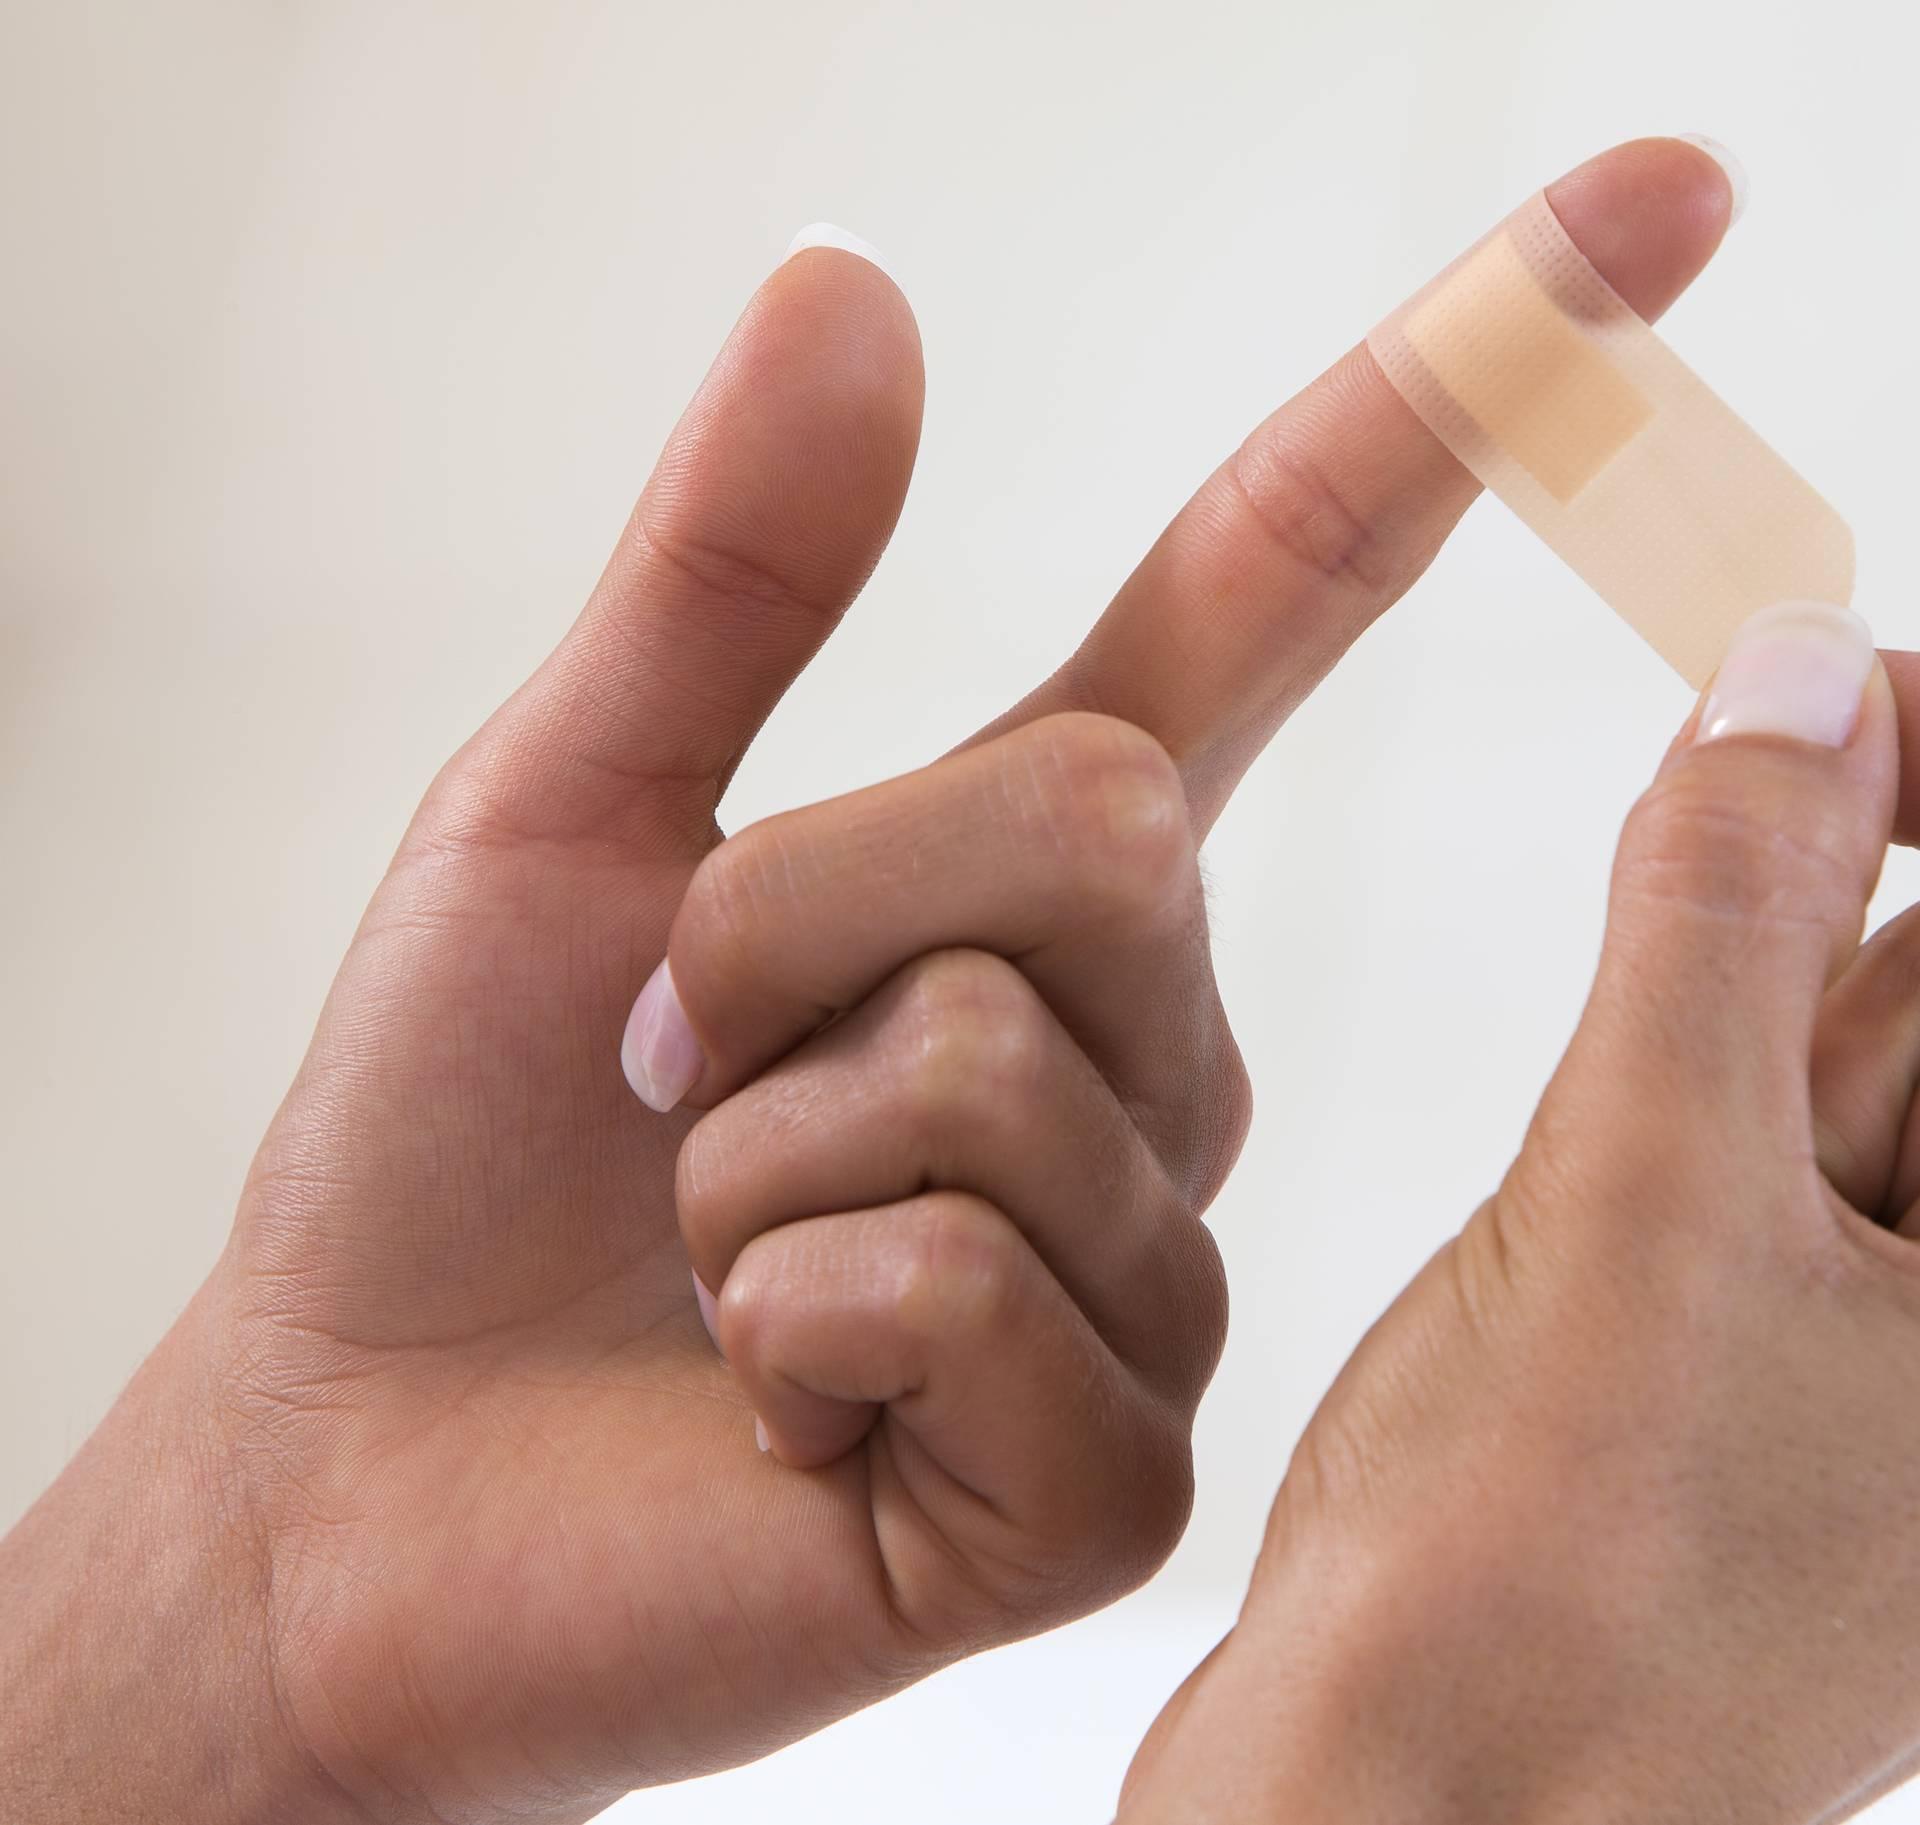 Pogrešno stavljate flaster na prst cijeli život  - ovako se radi